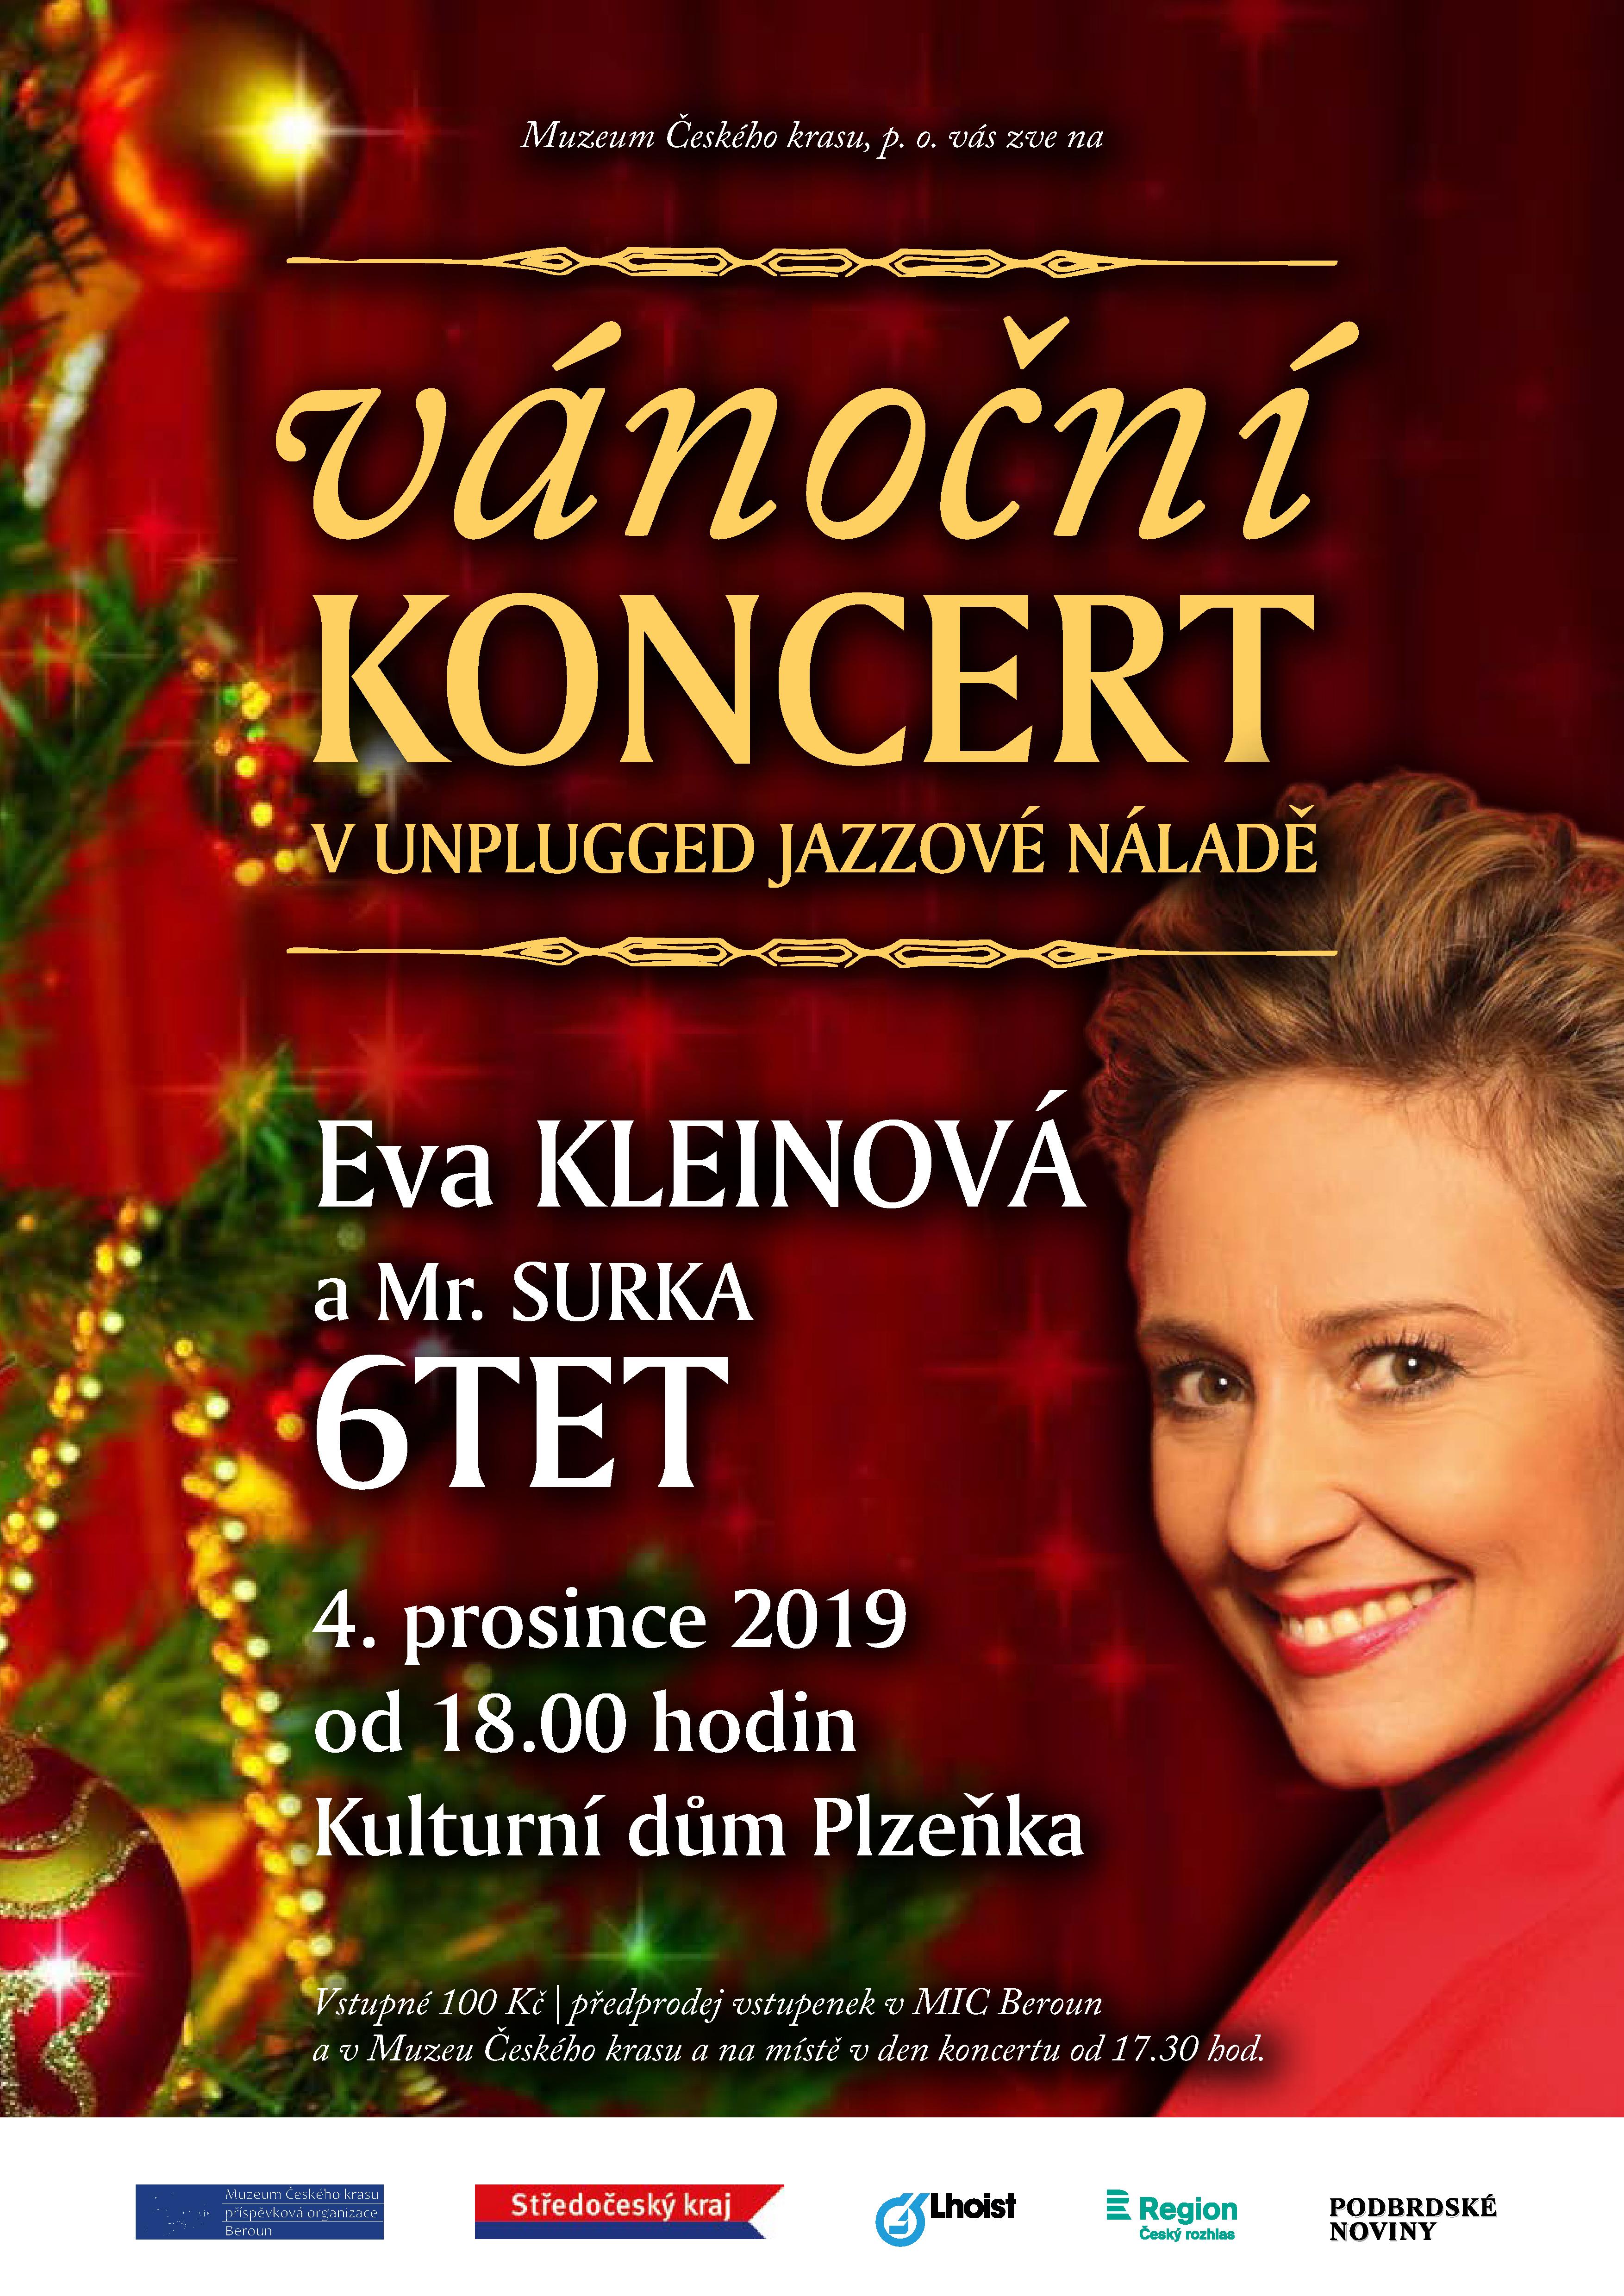 muzeum_plakat_jazzovy_koncert_A3_korektura_I